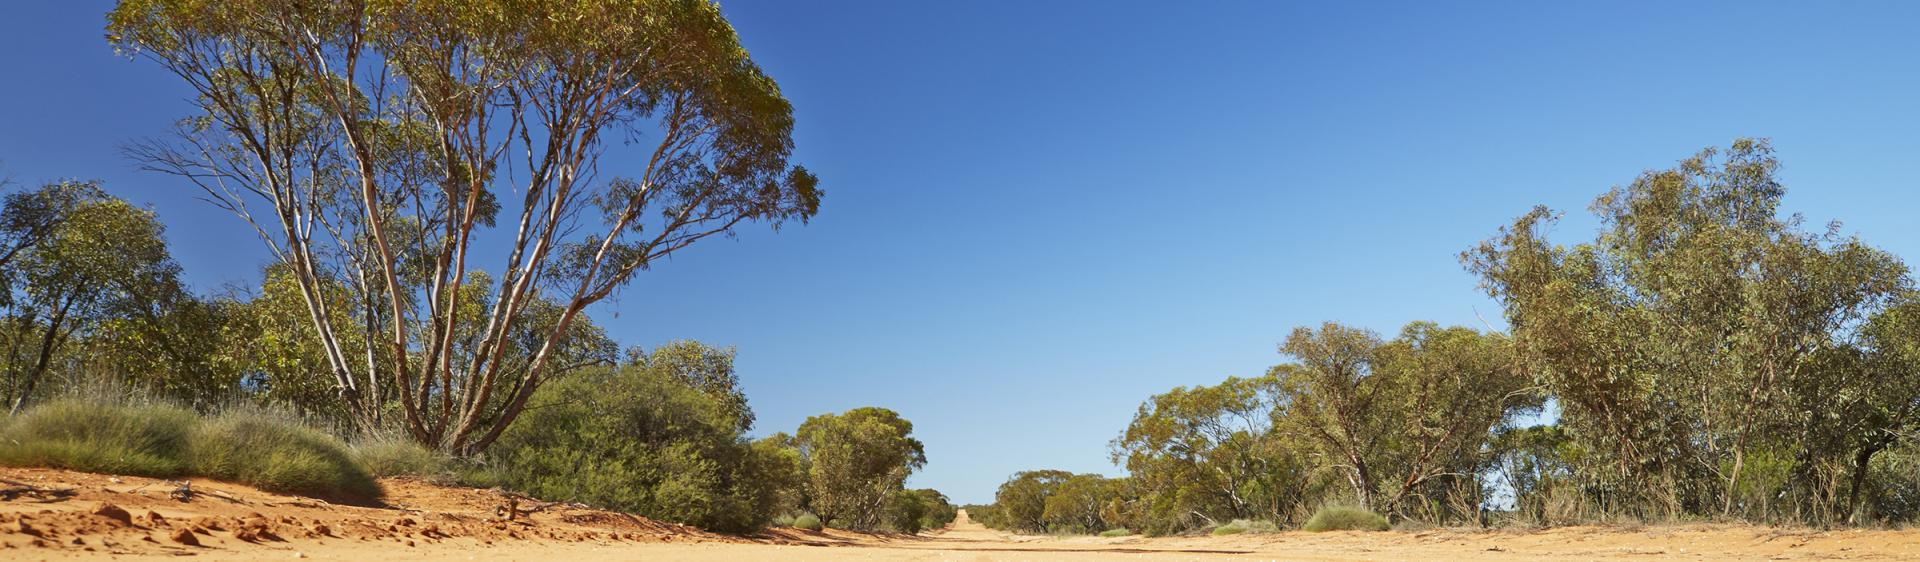 布羅肯山 (Broken Hill)蒙哥國家公園(Mungo National Park)小徑